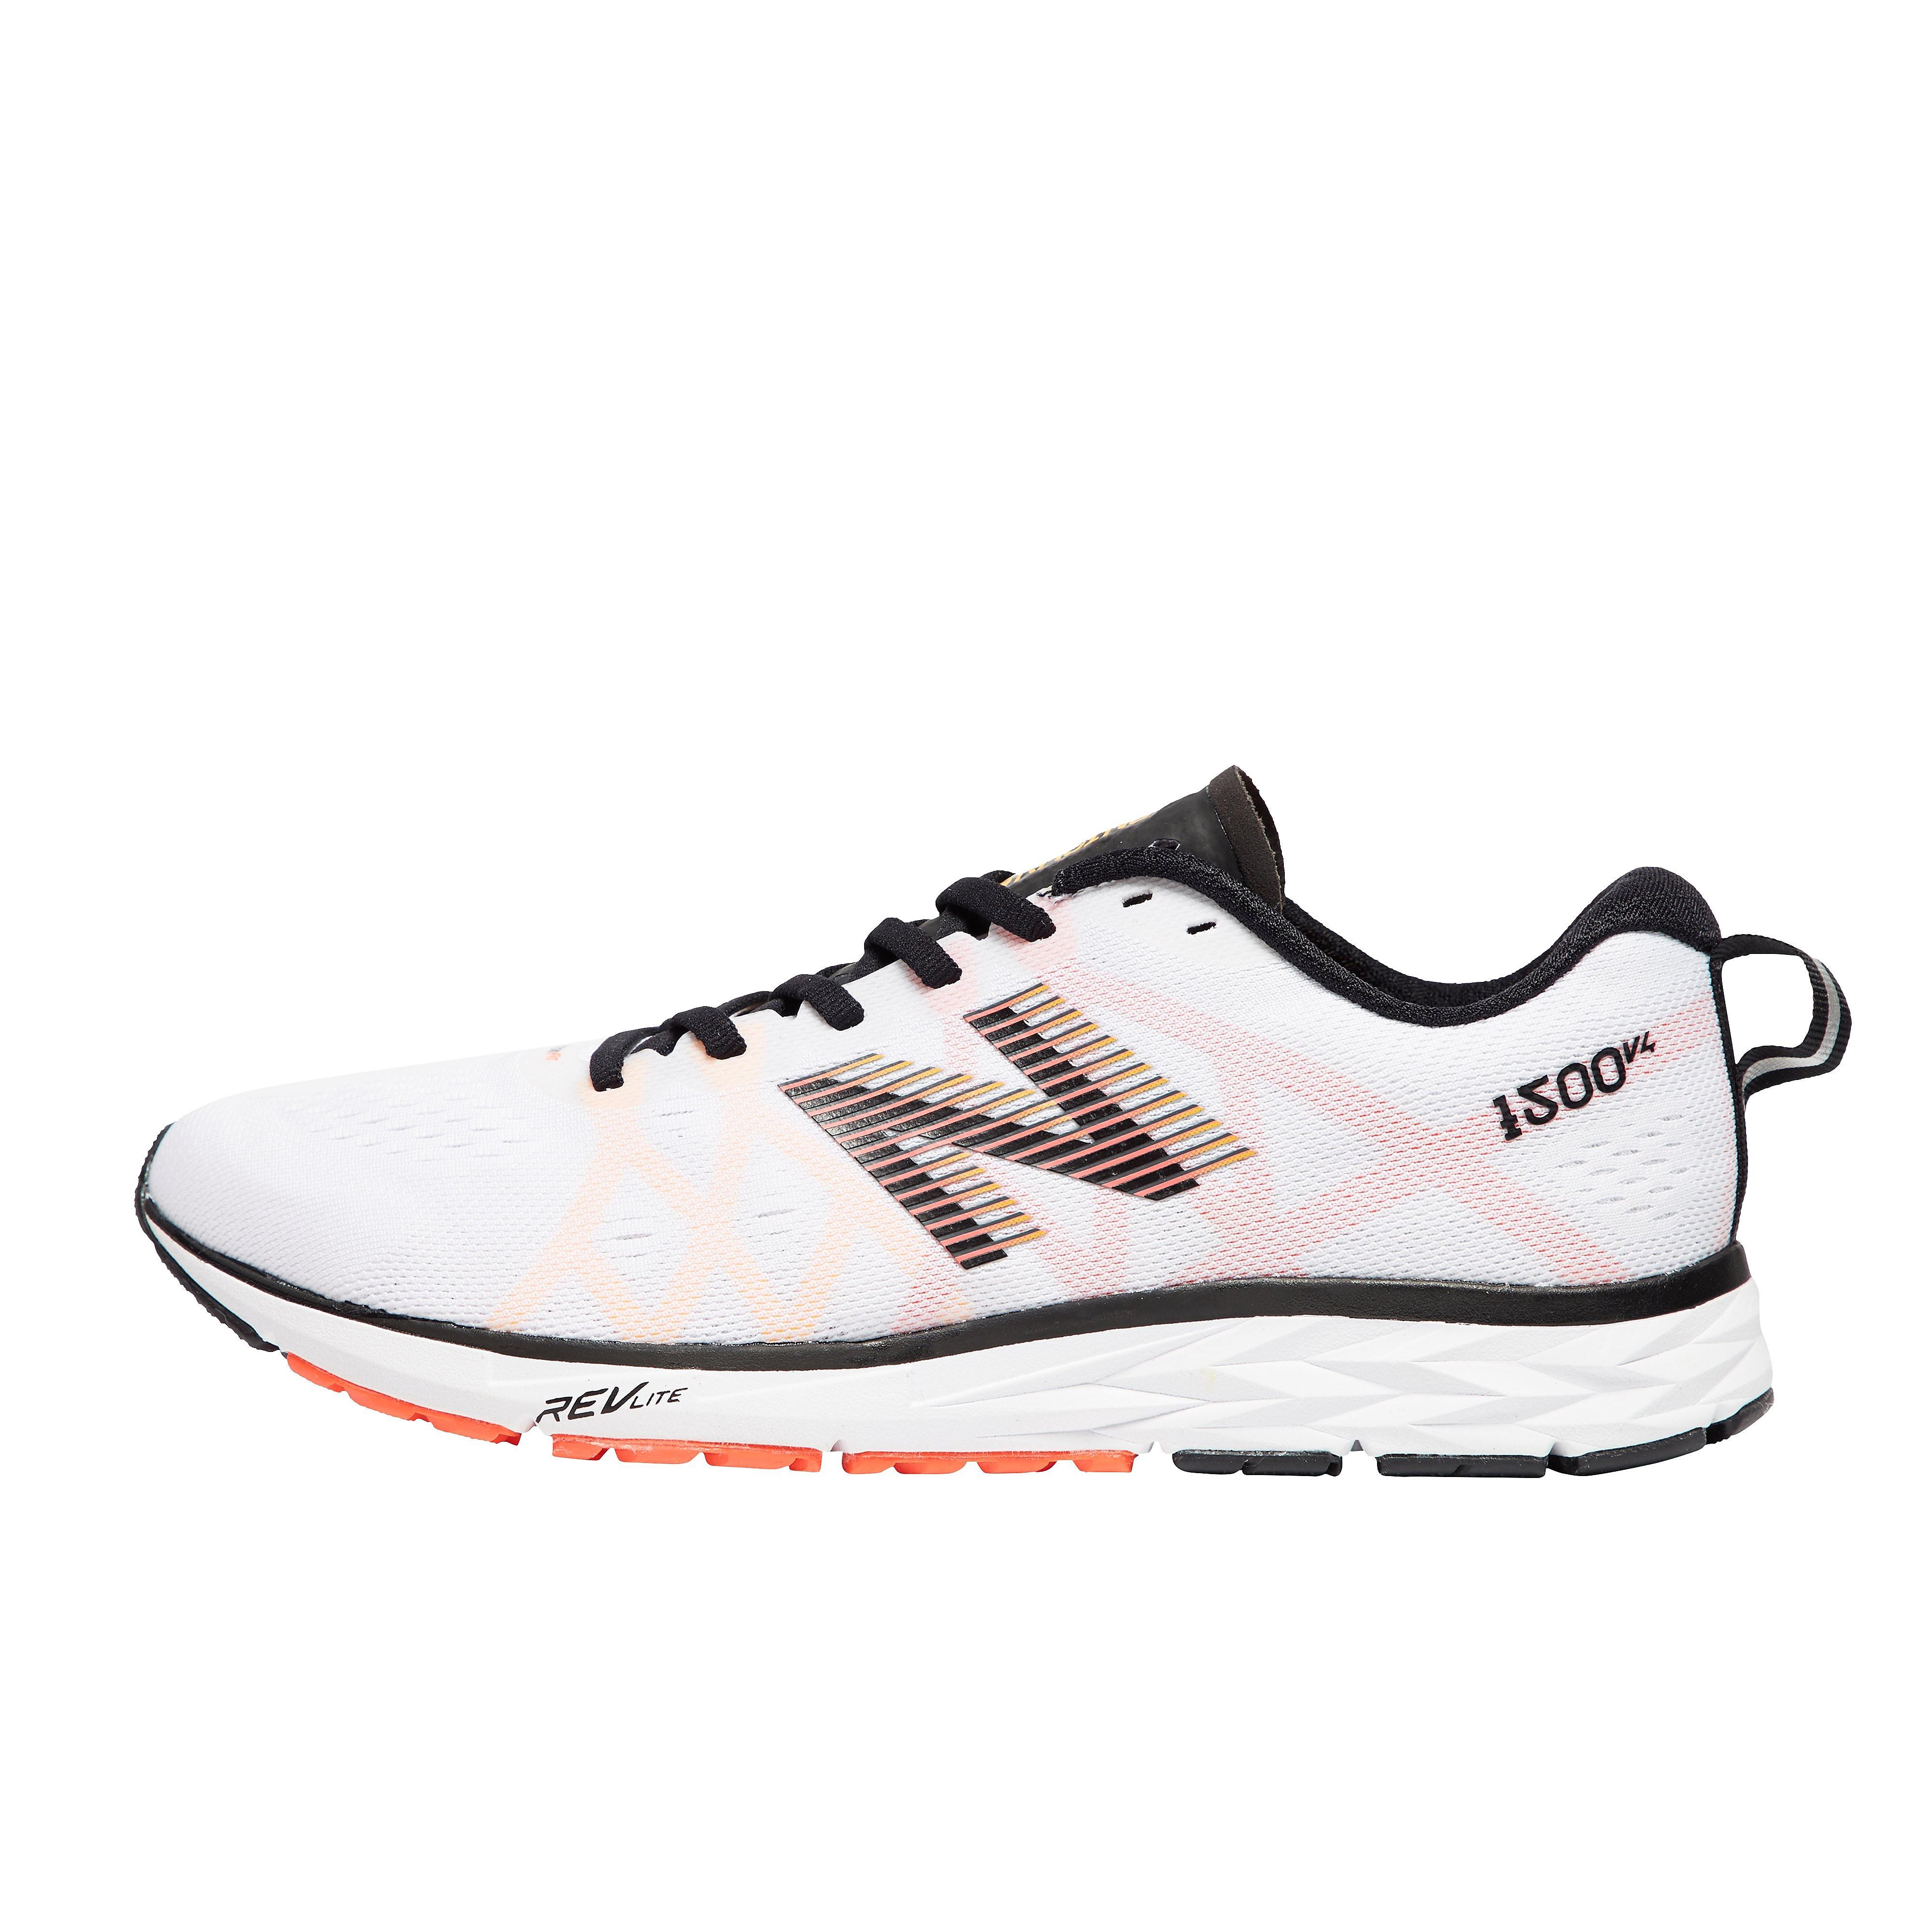 New Balance 1500v4 Men's Running Shoes